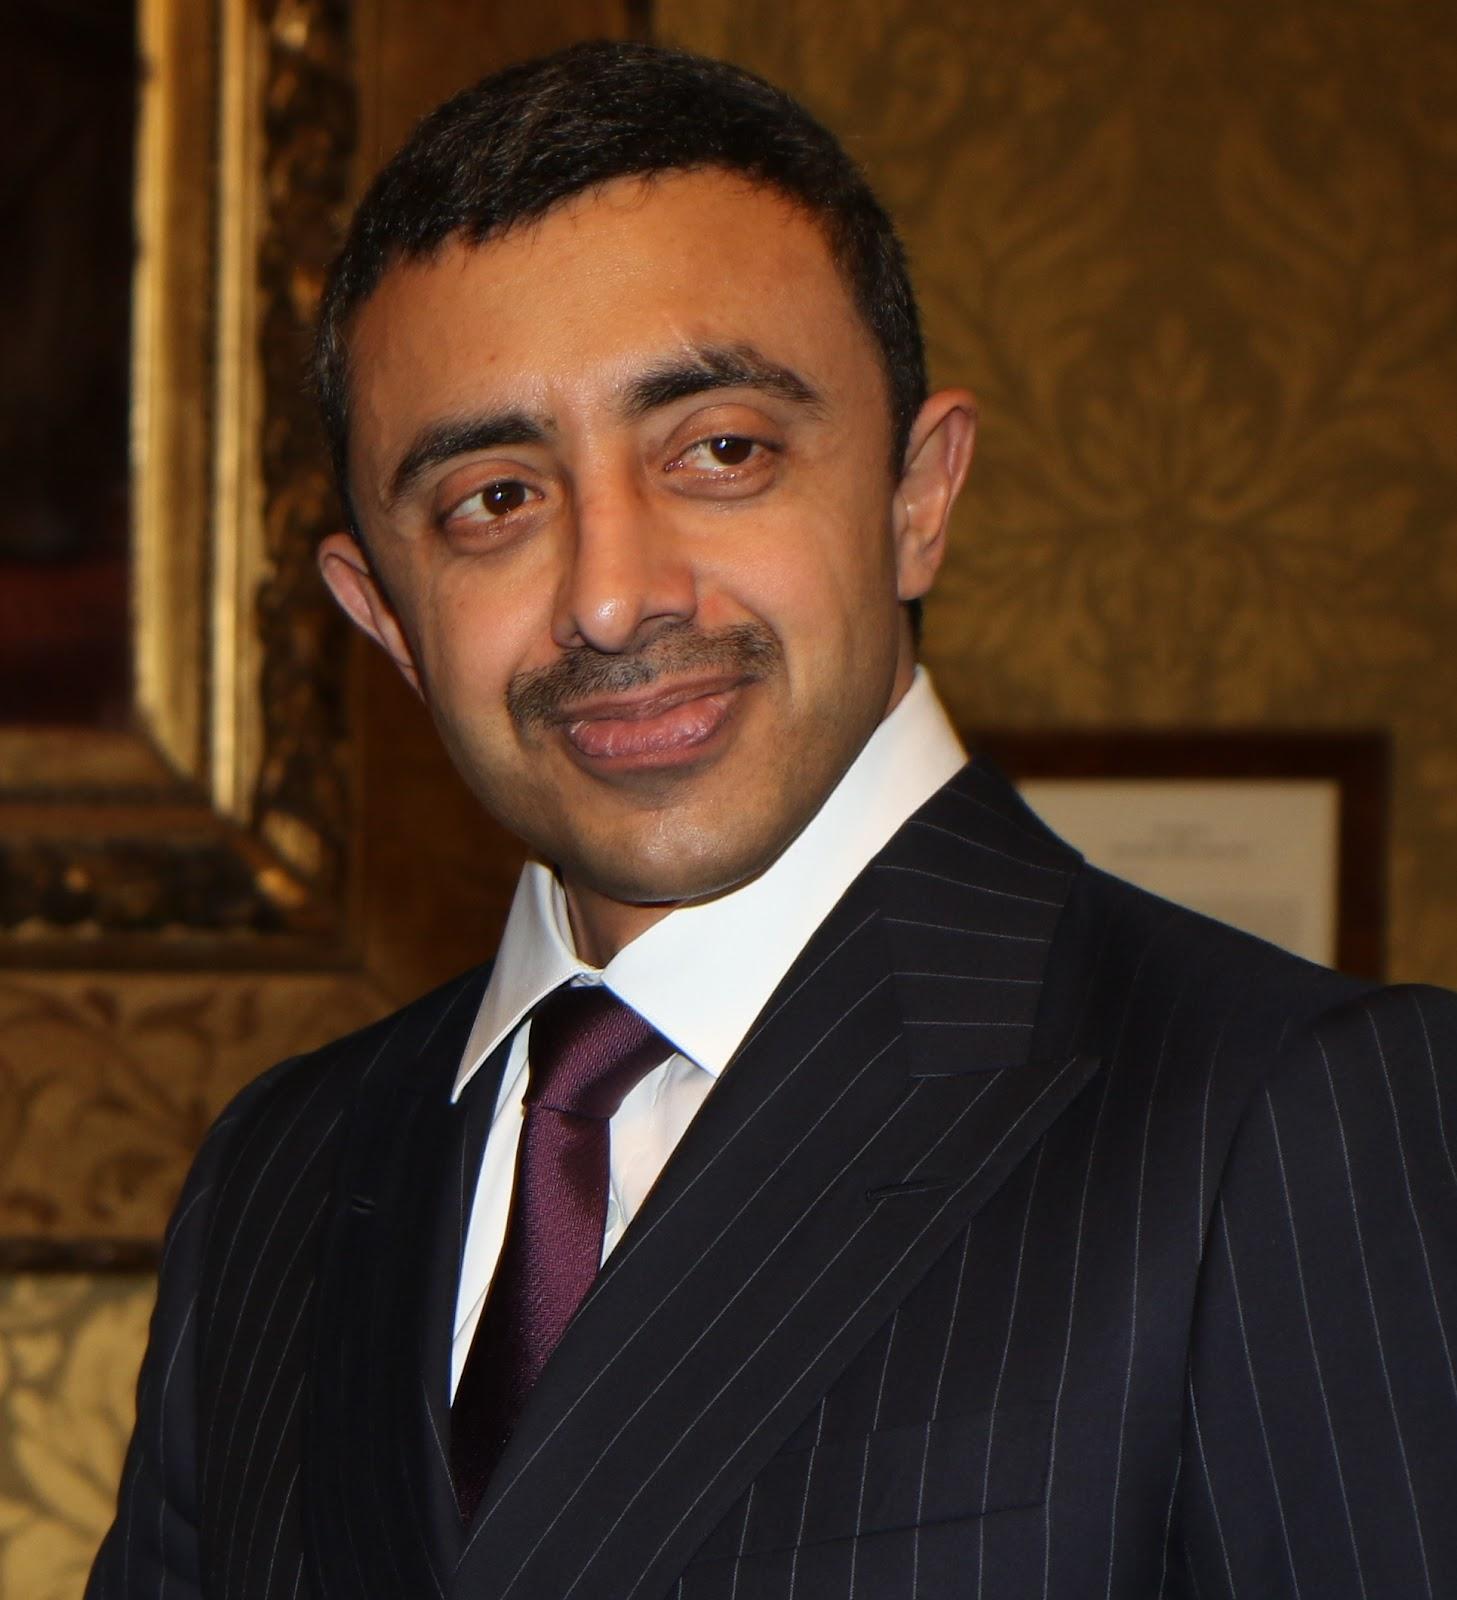 Đức Thánh Cha gặp gỡ Hoàng thân Sheik Abdallah Ben Zayed Al Nahyan